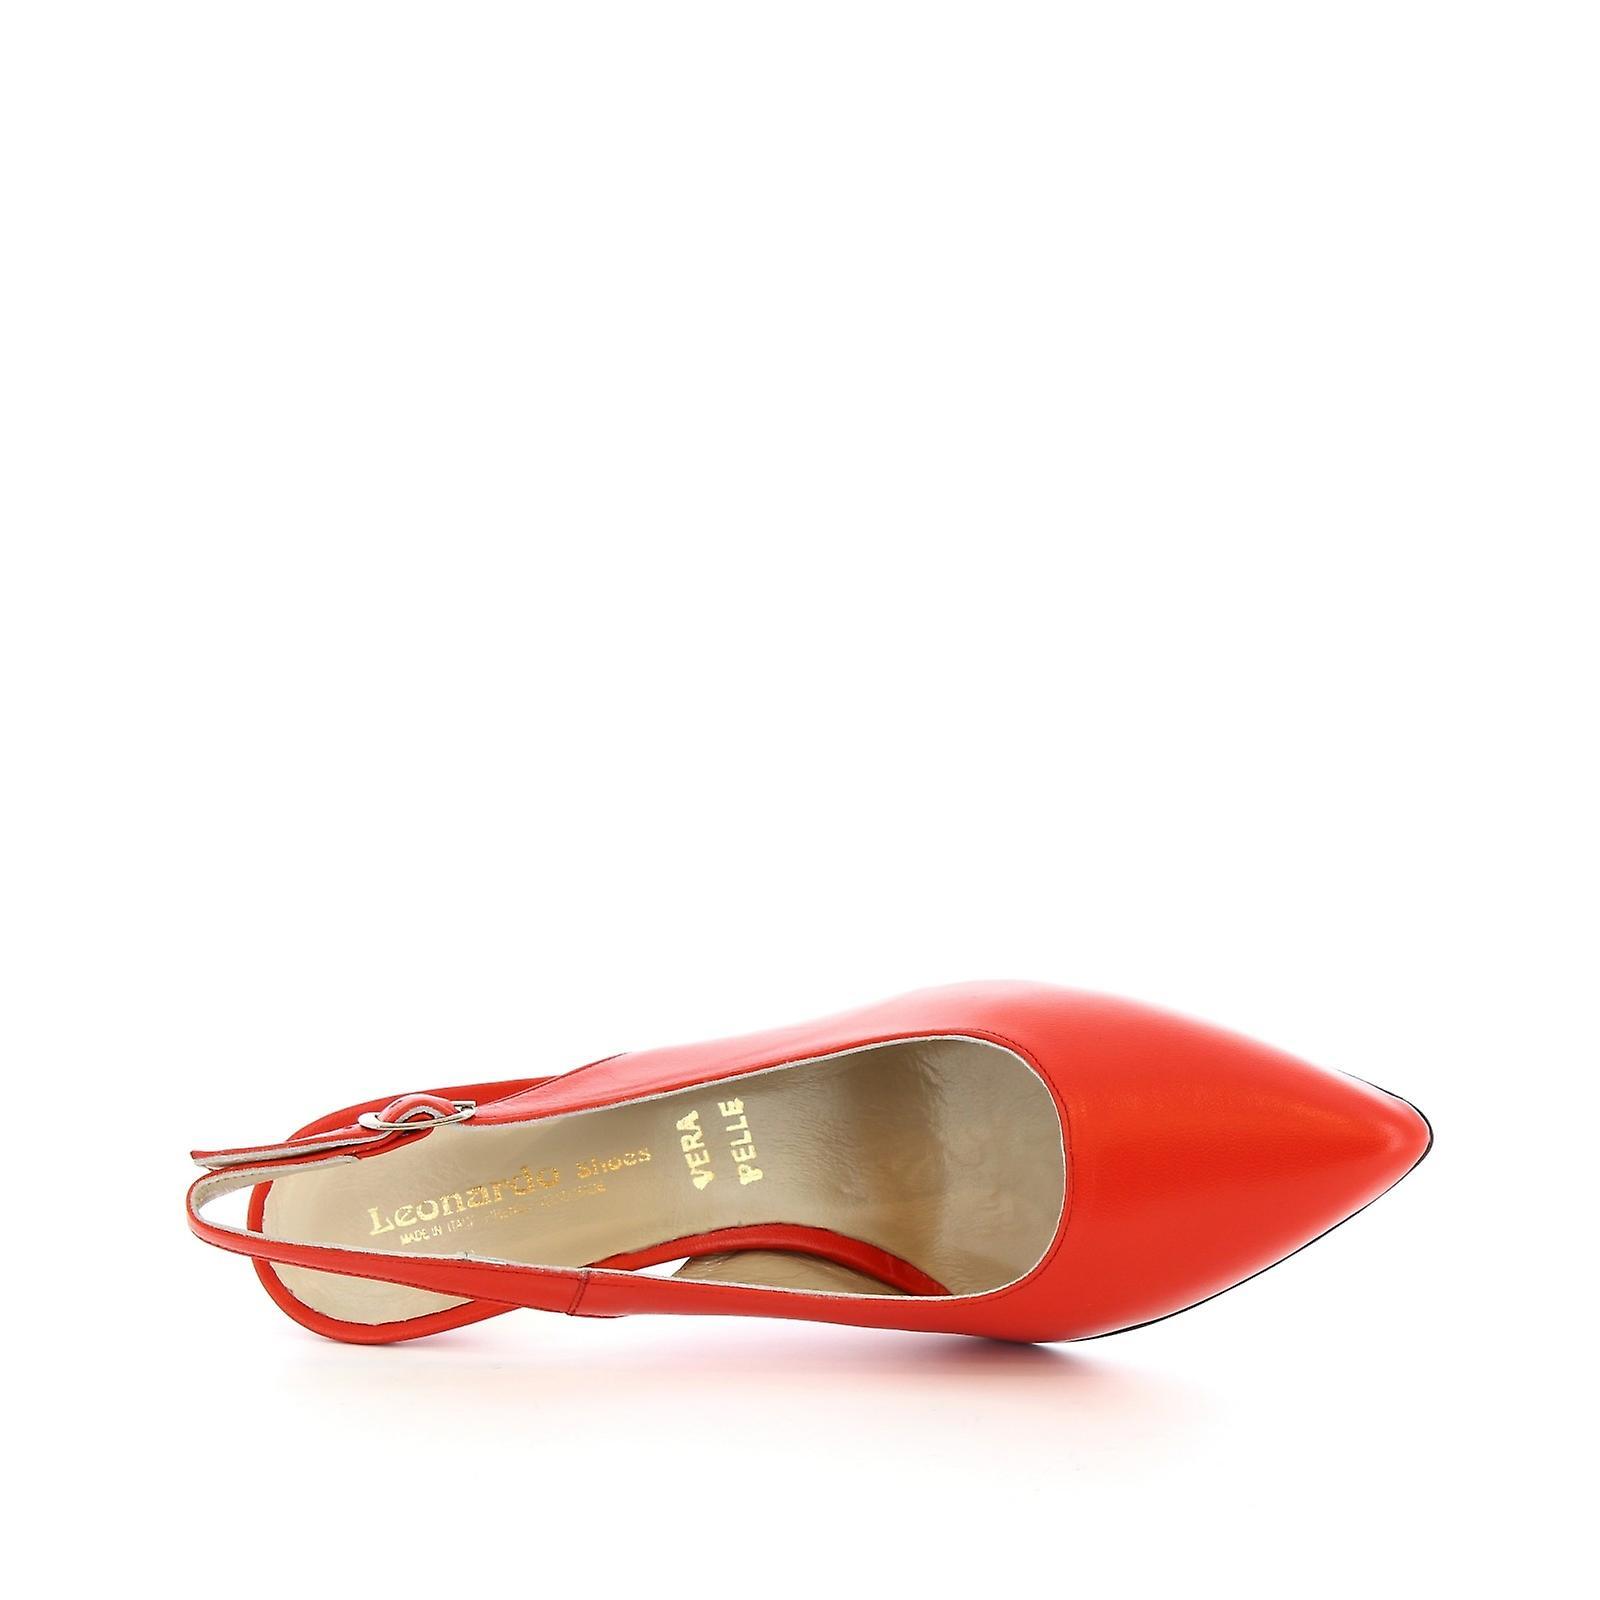 Leonardo Shoes Women's Handmade Stiletto Slingback In Red Calf Leather